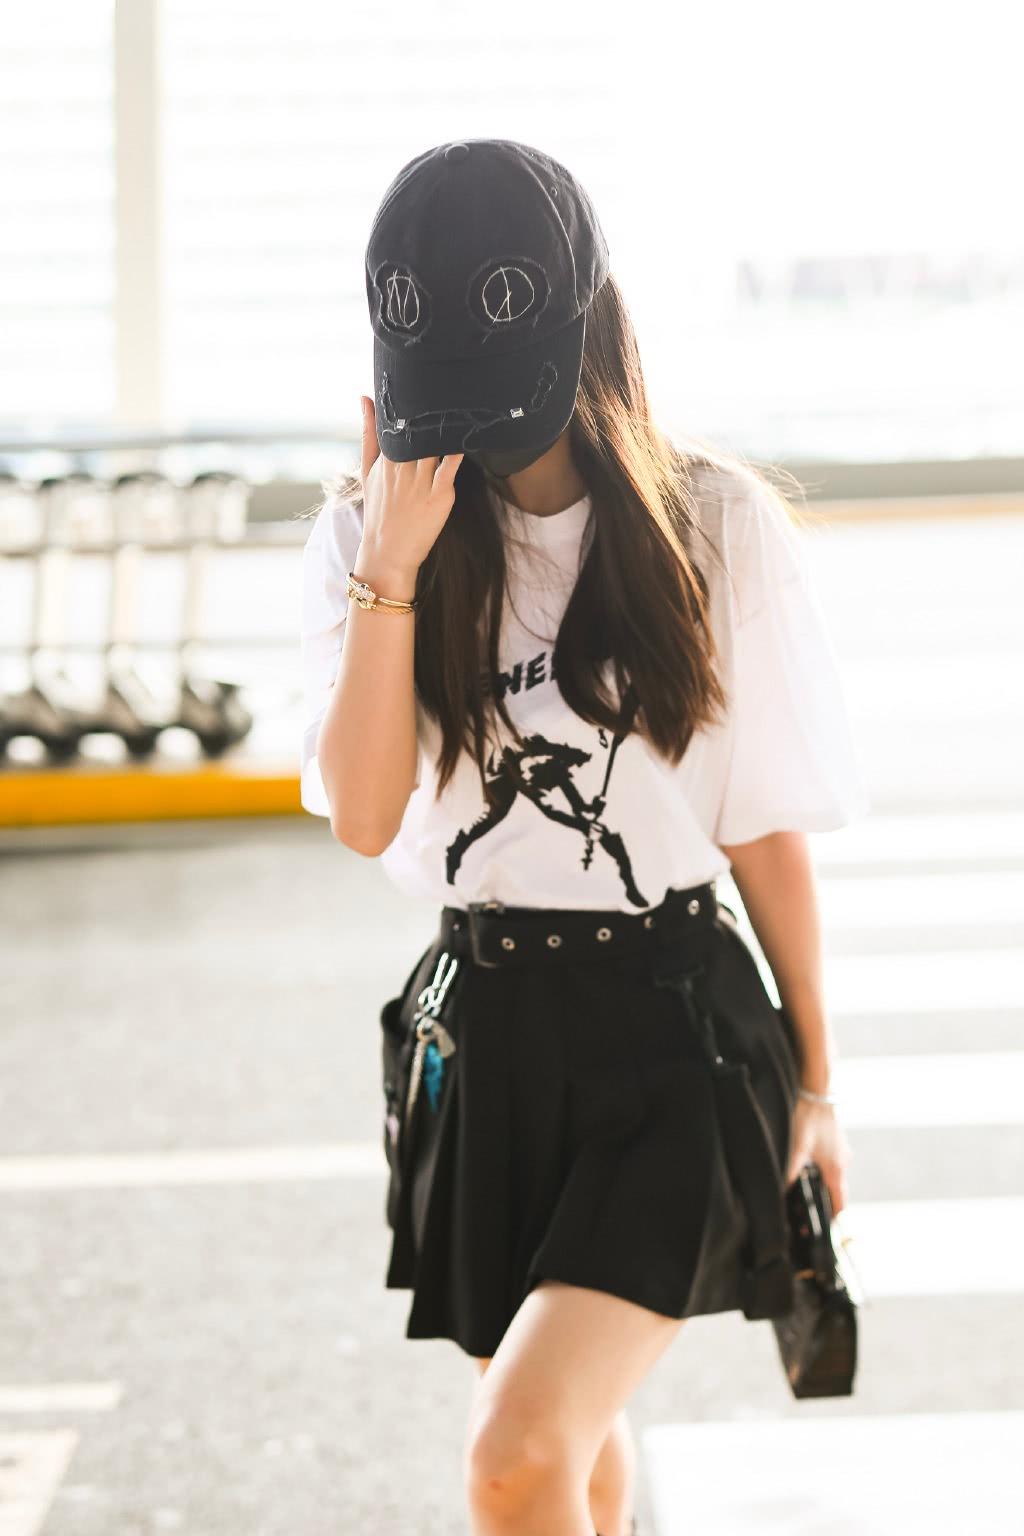 杨颖哪像孩子妈,穿T恤短裤配长筒靴,比18岁大学生更有少女感